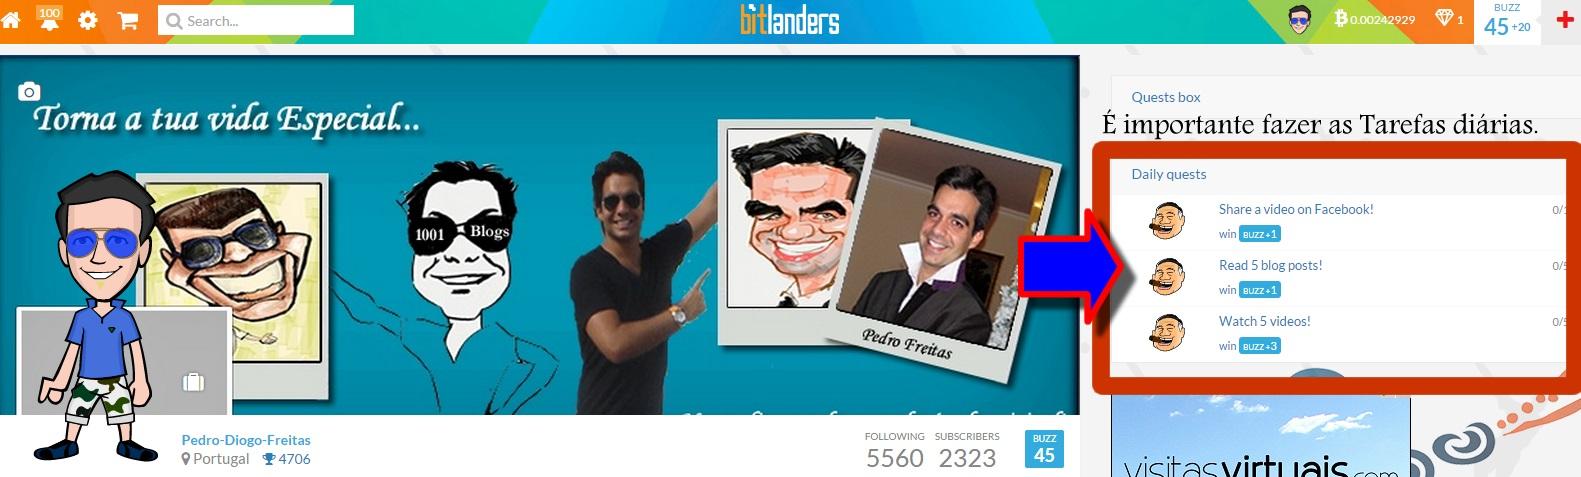 bitlanders - Bitlanders - Uma Rede Social que te paga em Bitcoin, Paypal! [ Recebi 3 x 10 Dolars] 18067567_MsEUI